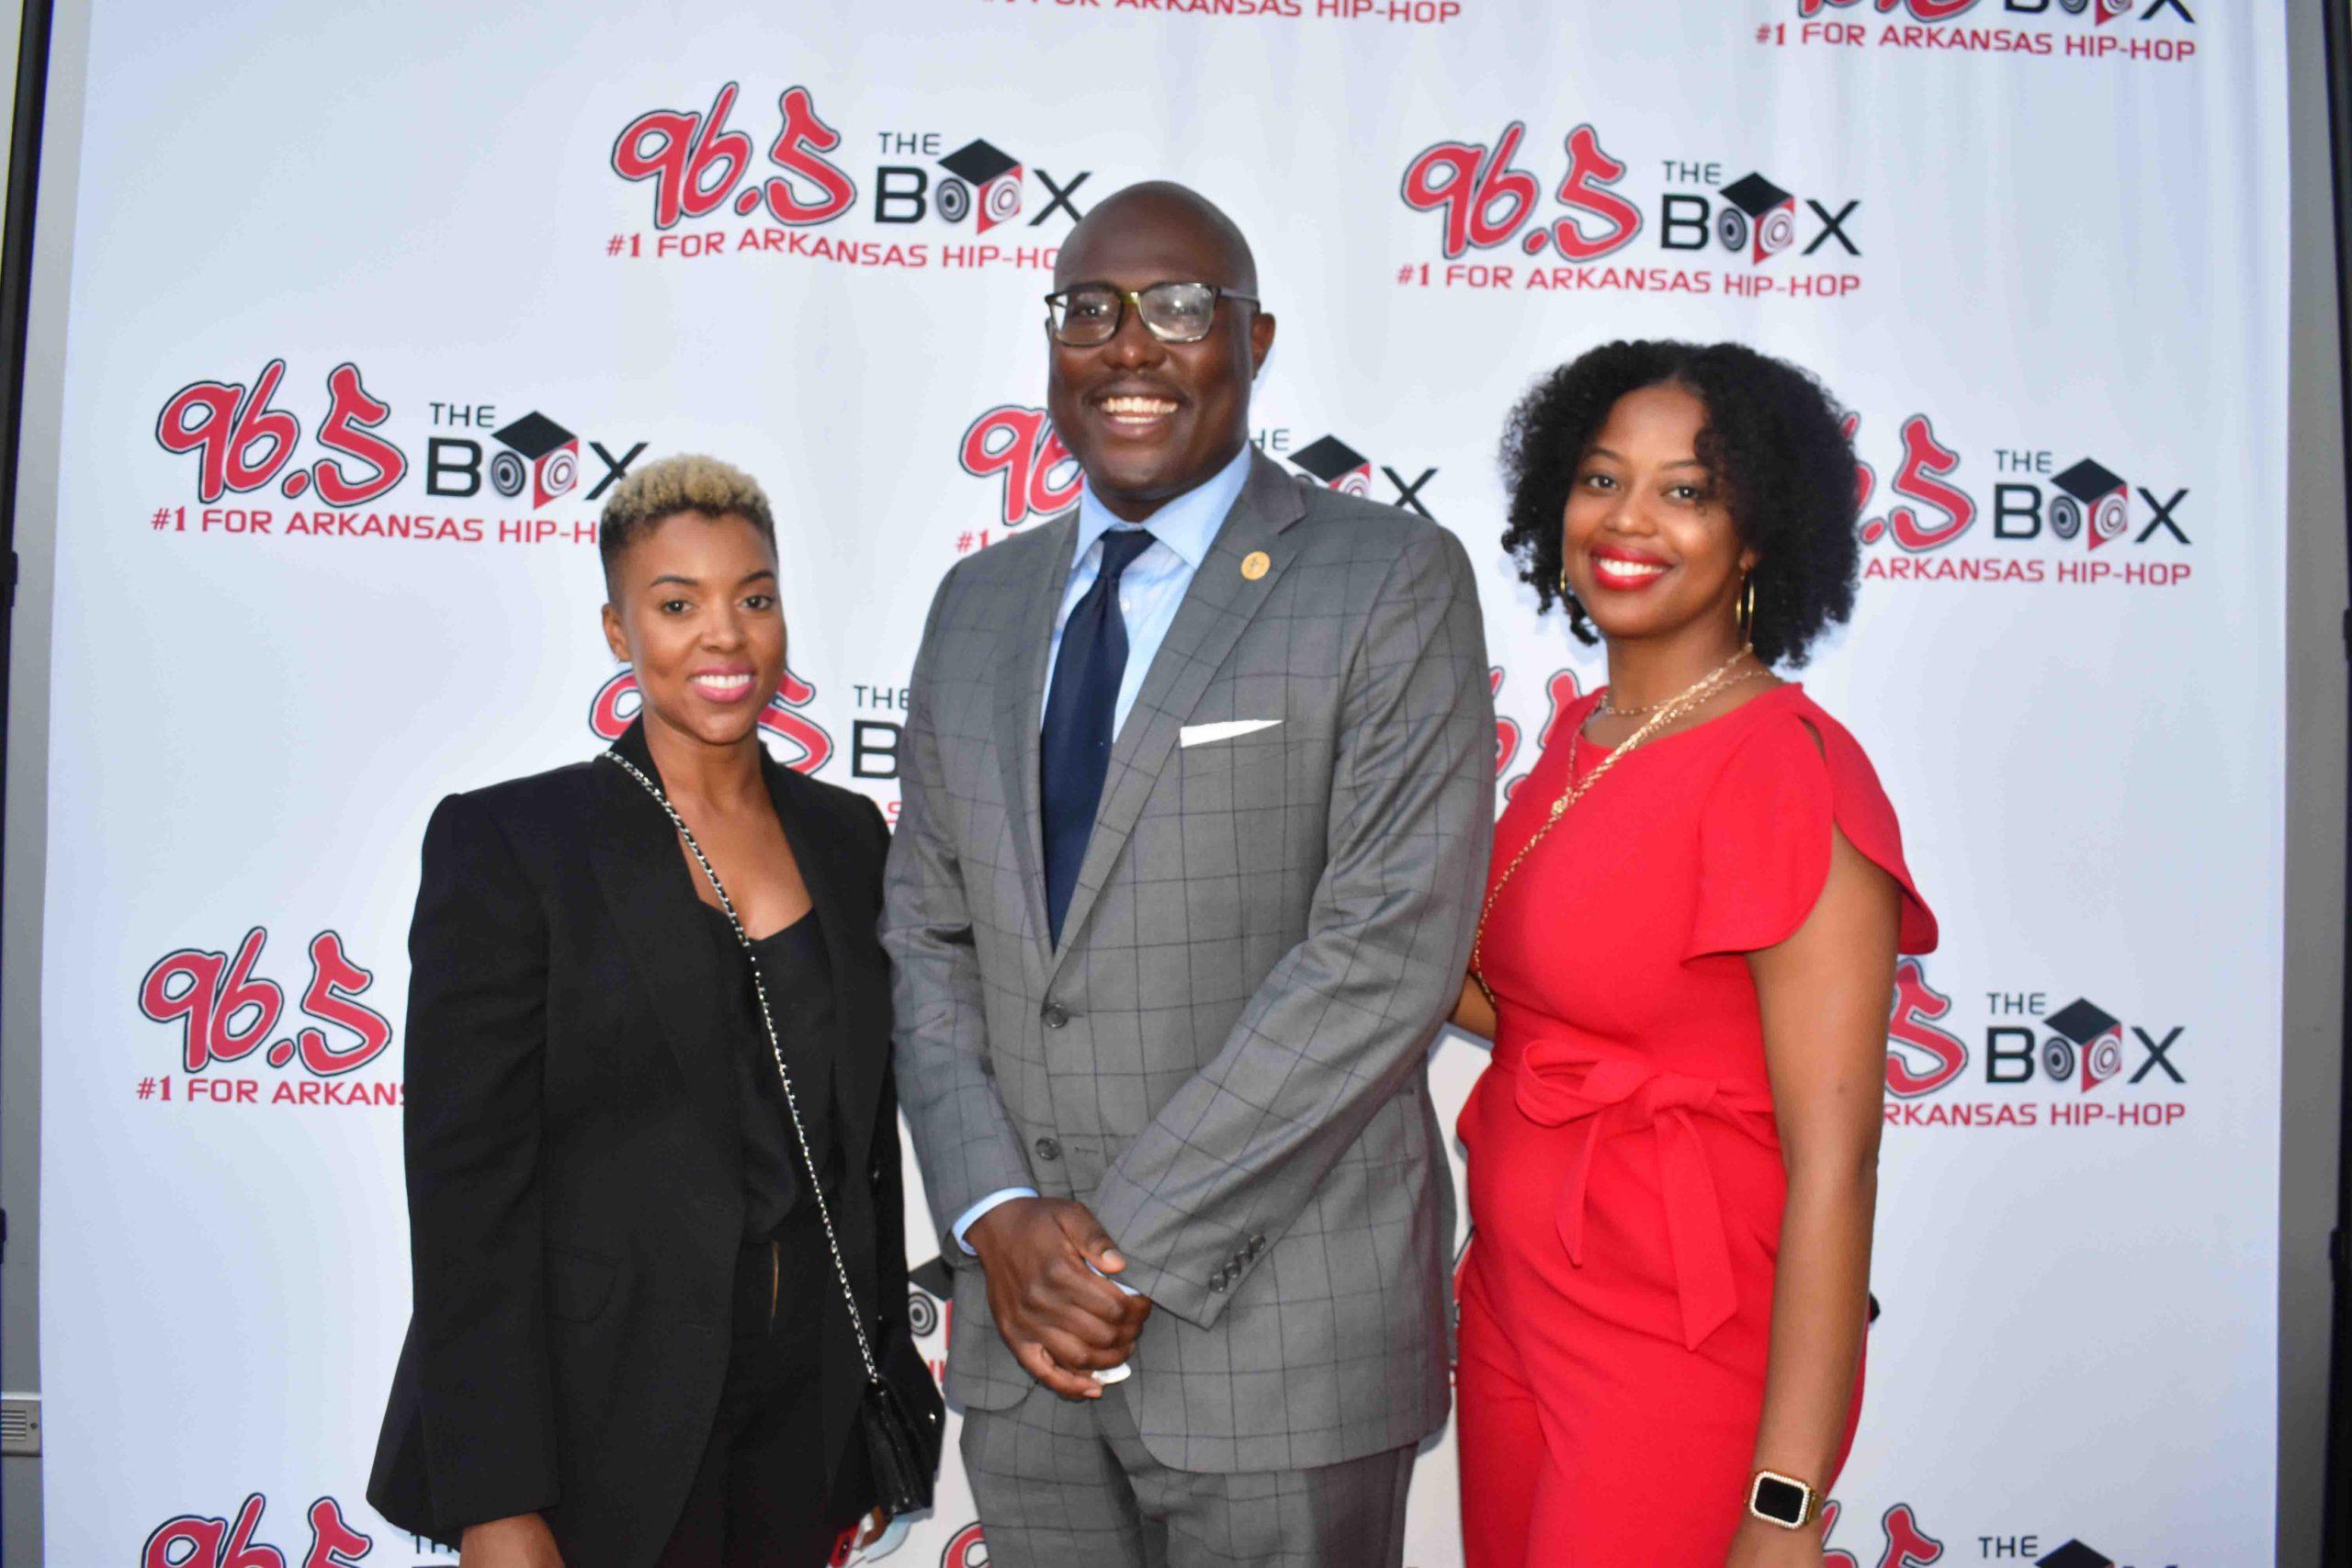 Stephanie Jackson, Little Rock Mayor Frank Scott, Jr., Kendra Pruitt